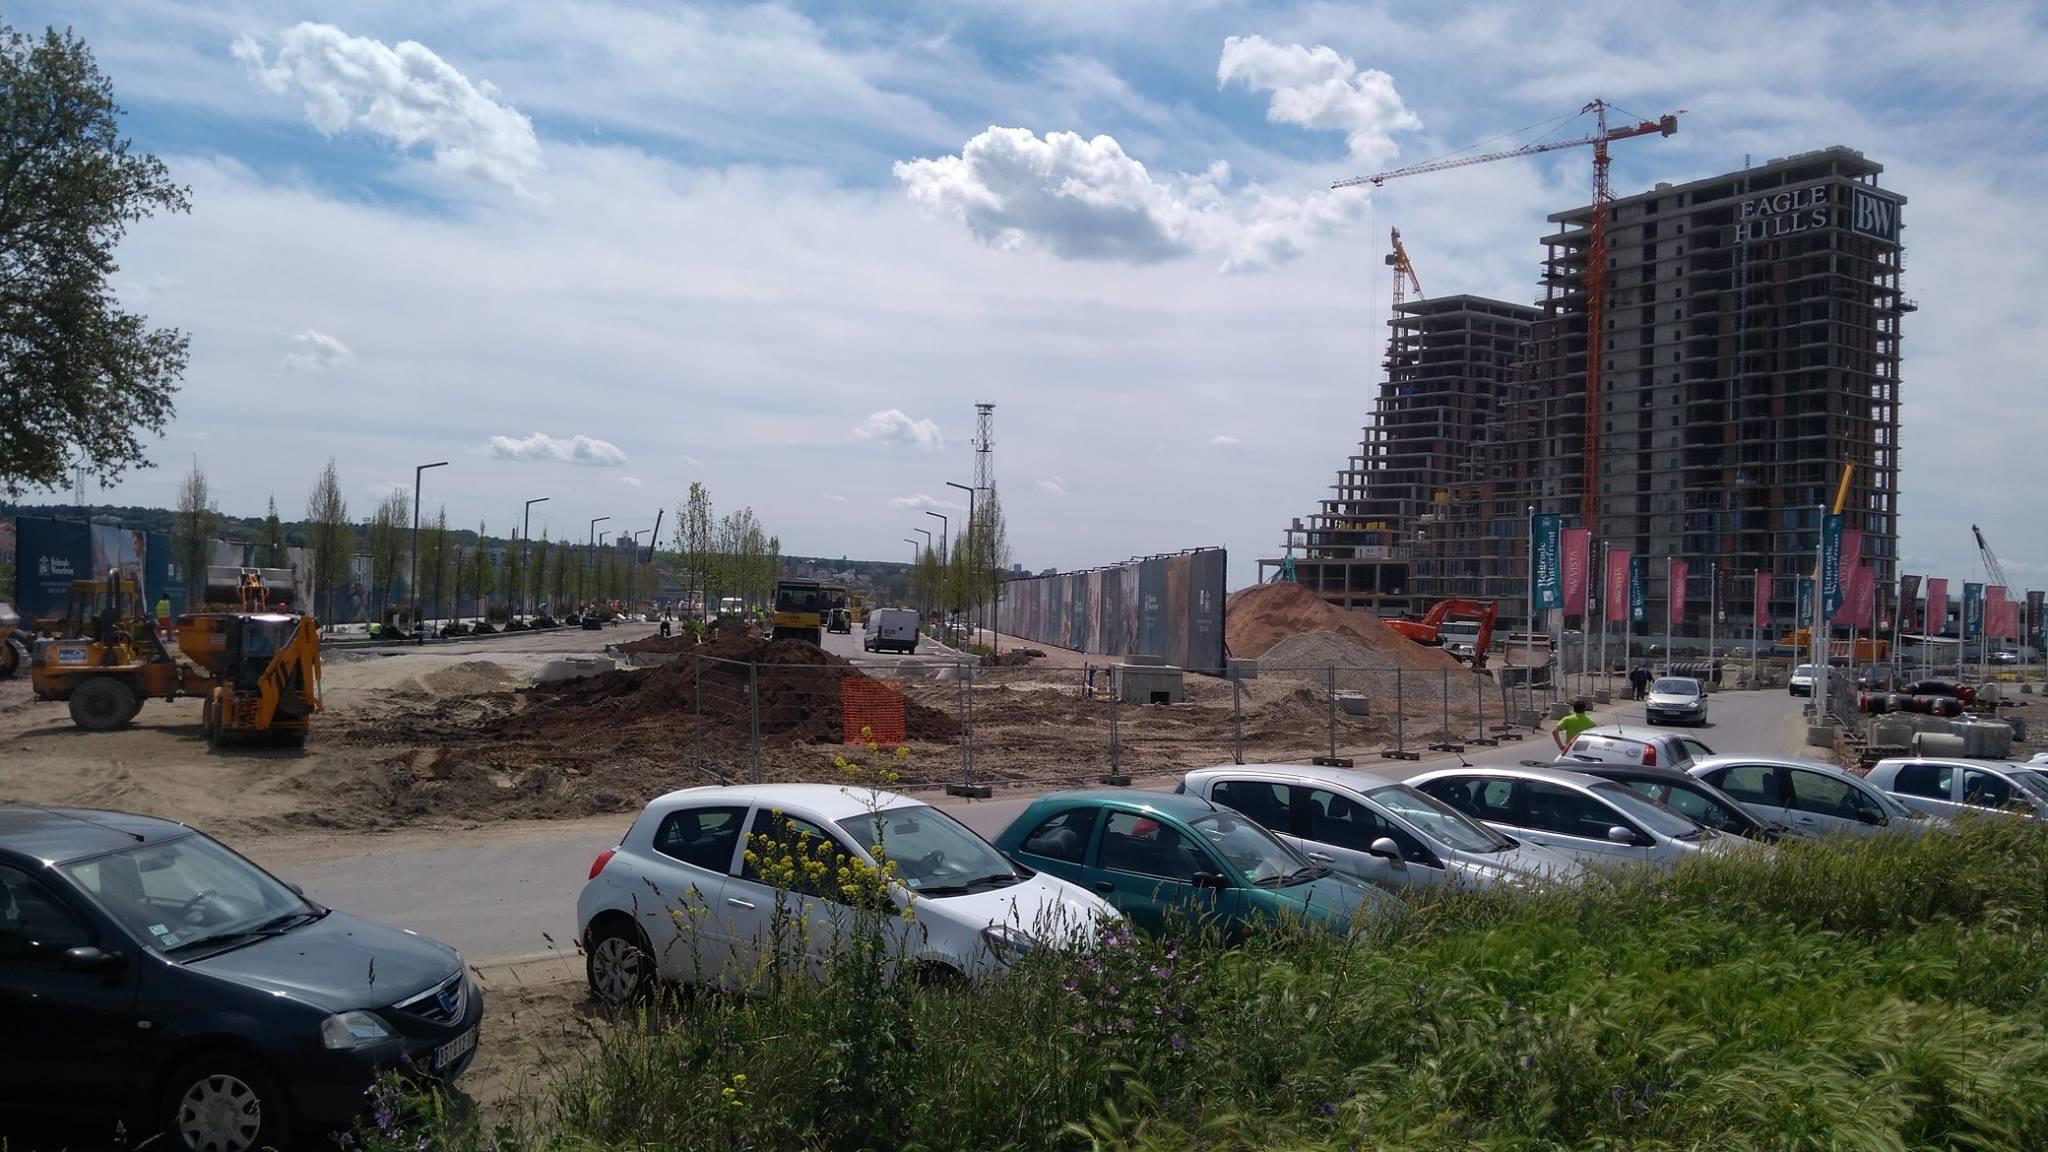 Belgrado sull'acqua in costruzione - Foto Silvia Maraone